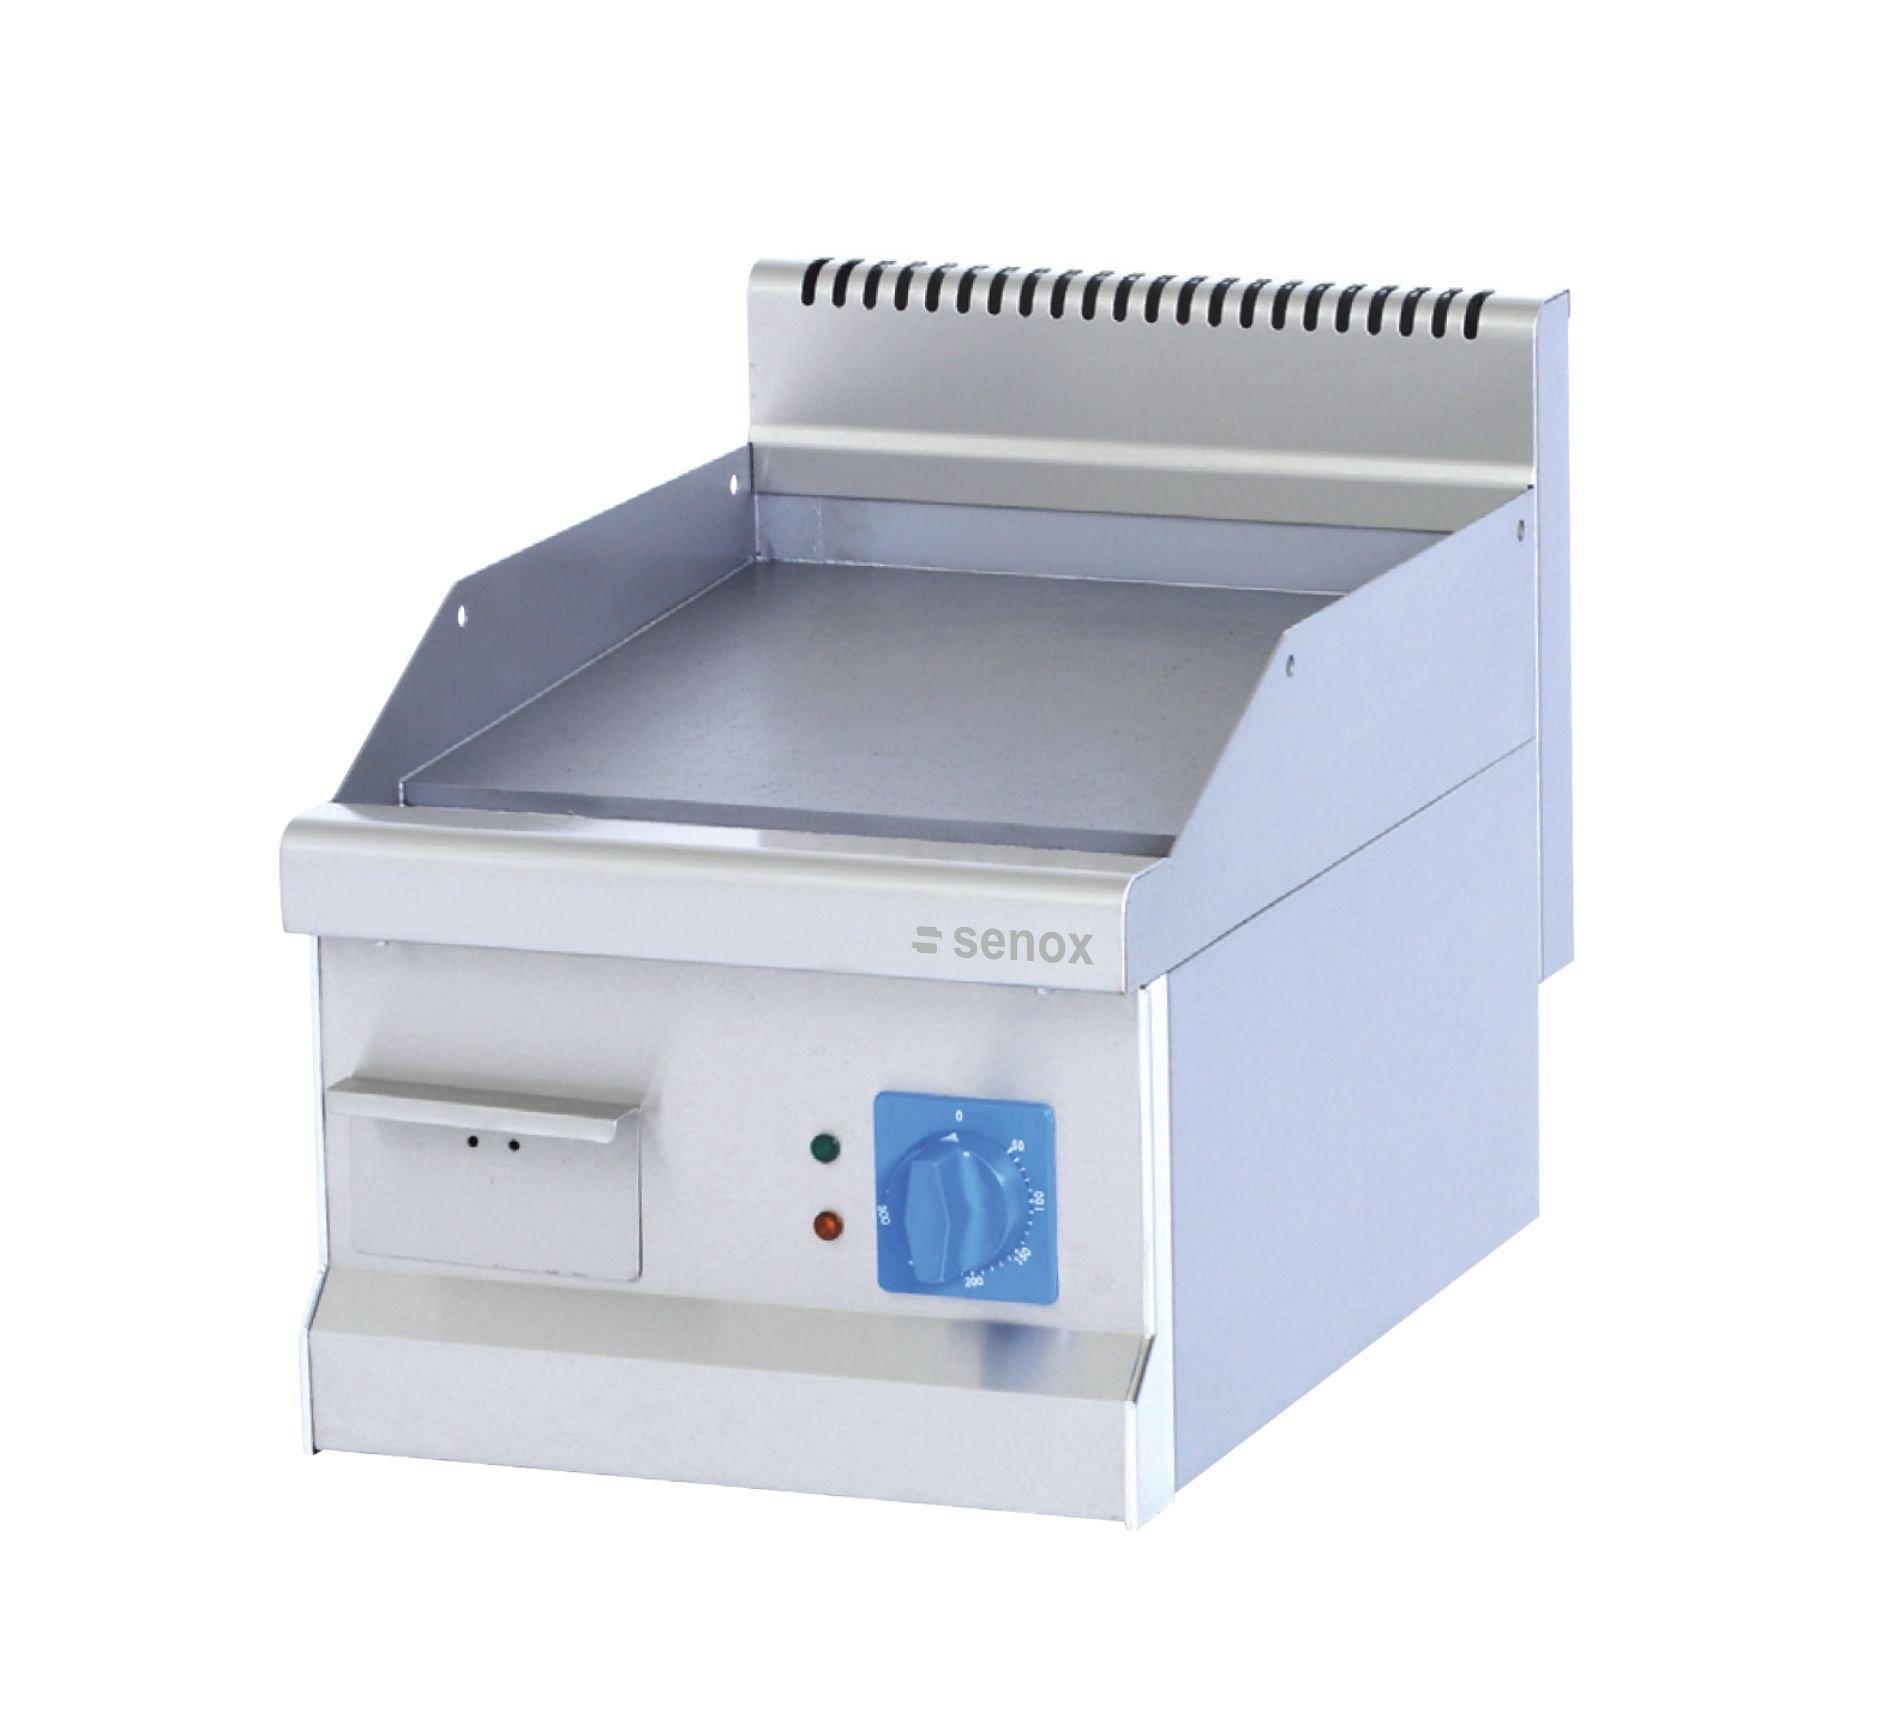 senox-agi-460-gazli-izgara-duz